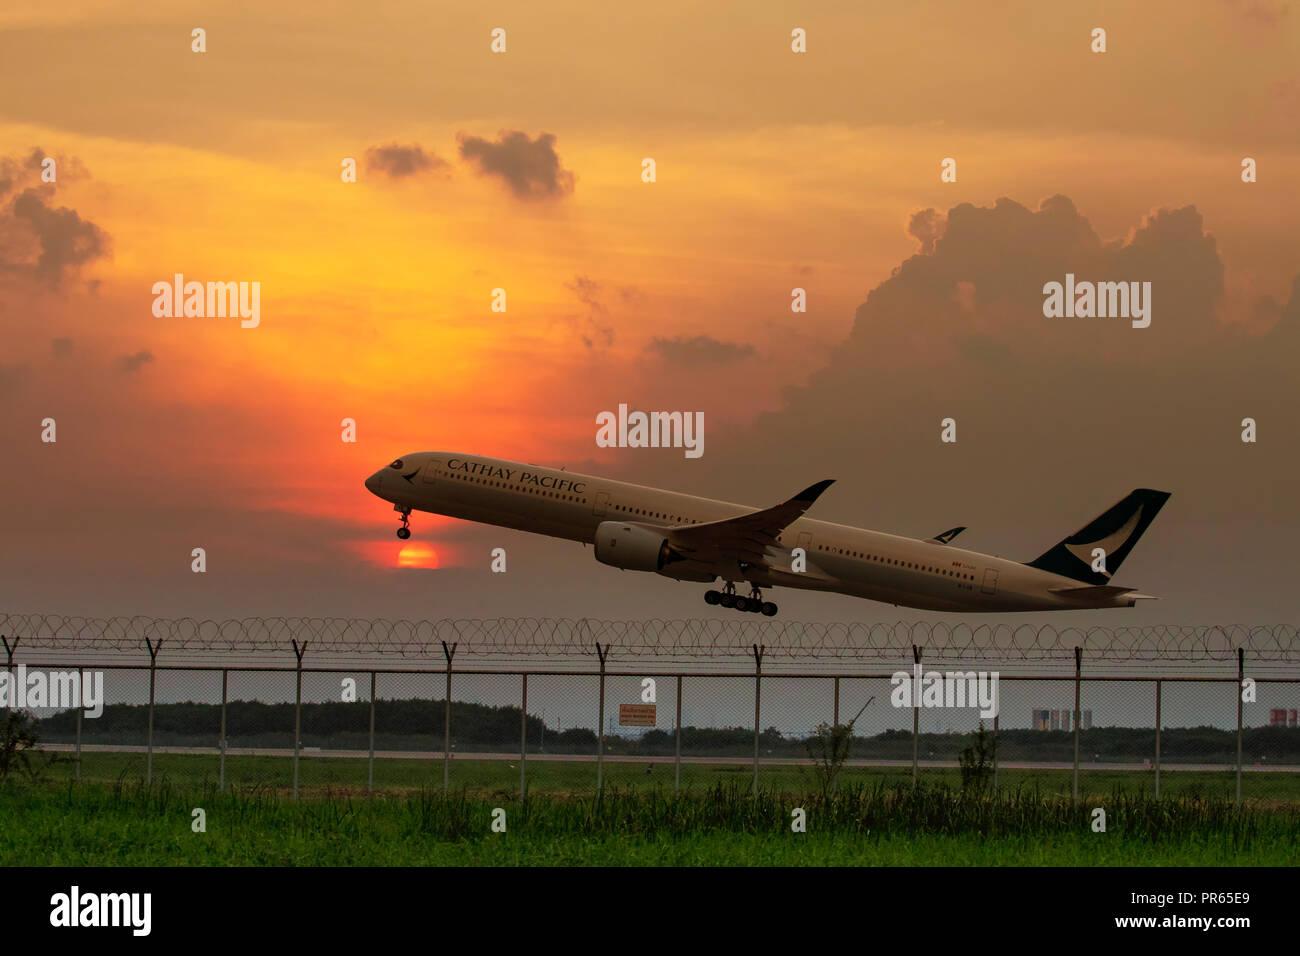 bangkok thailand - september29,2018 : cathay pacific plane take off from suvarnabhumi airport runway, suvarnabhumi airport is largest commercial airpo - Stock Image